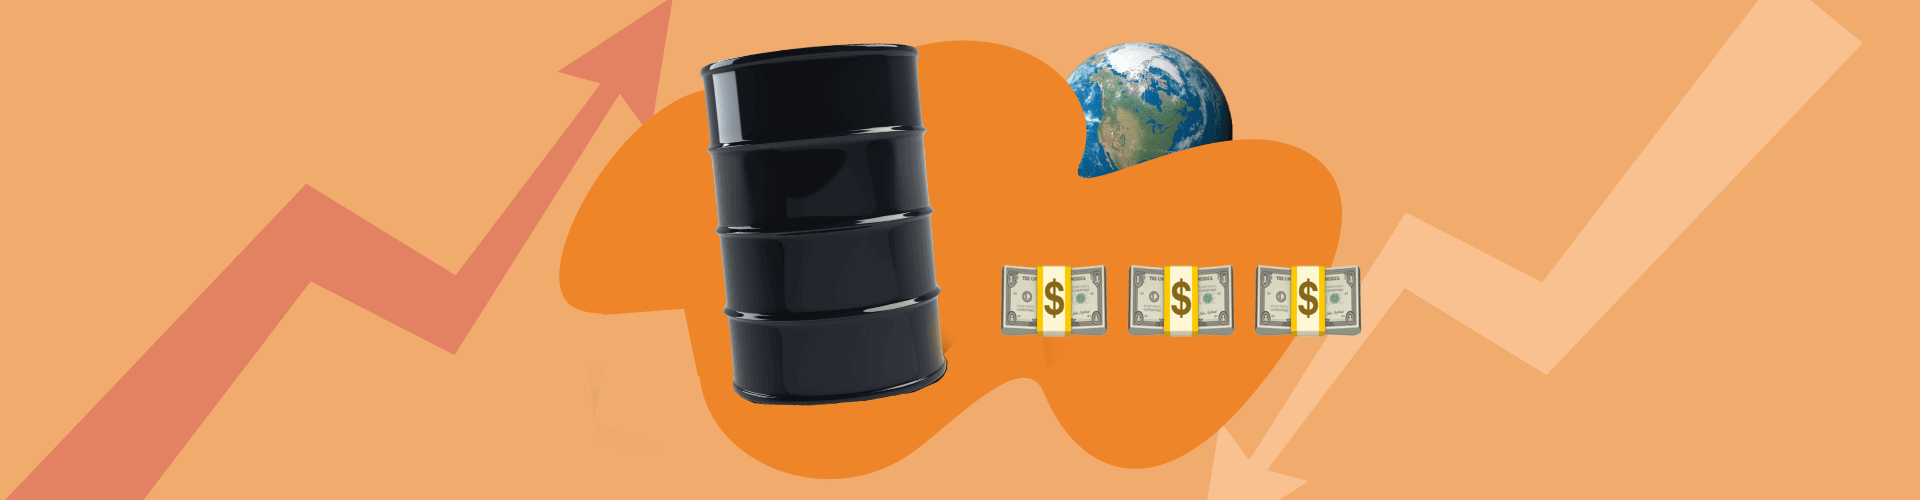 нефть, баррель, земля, жизнь